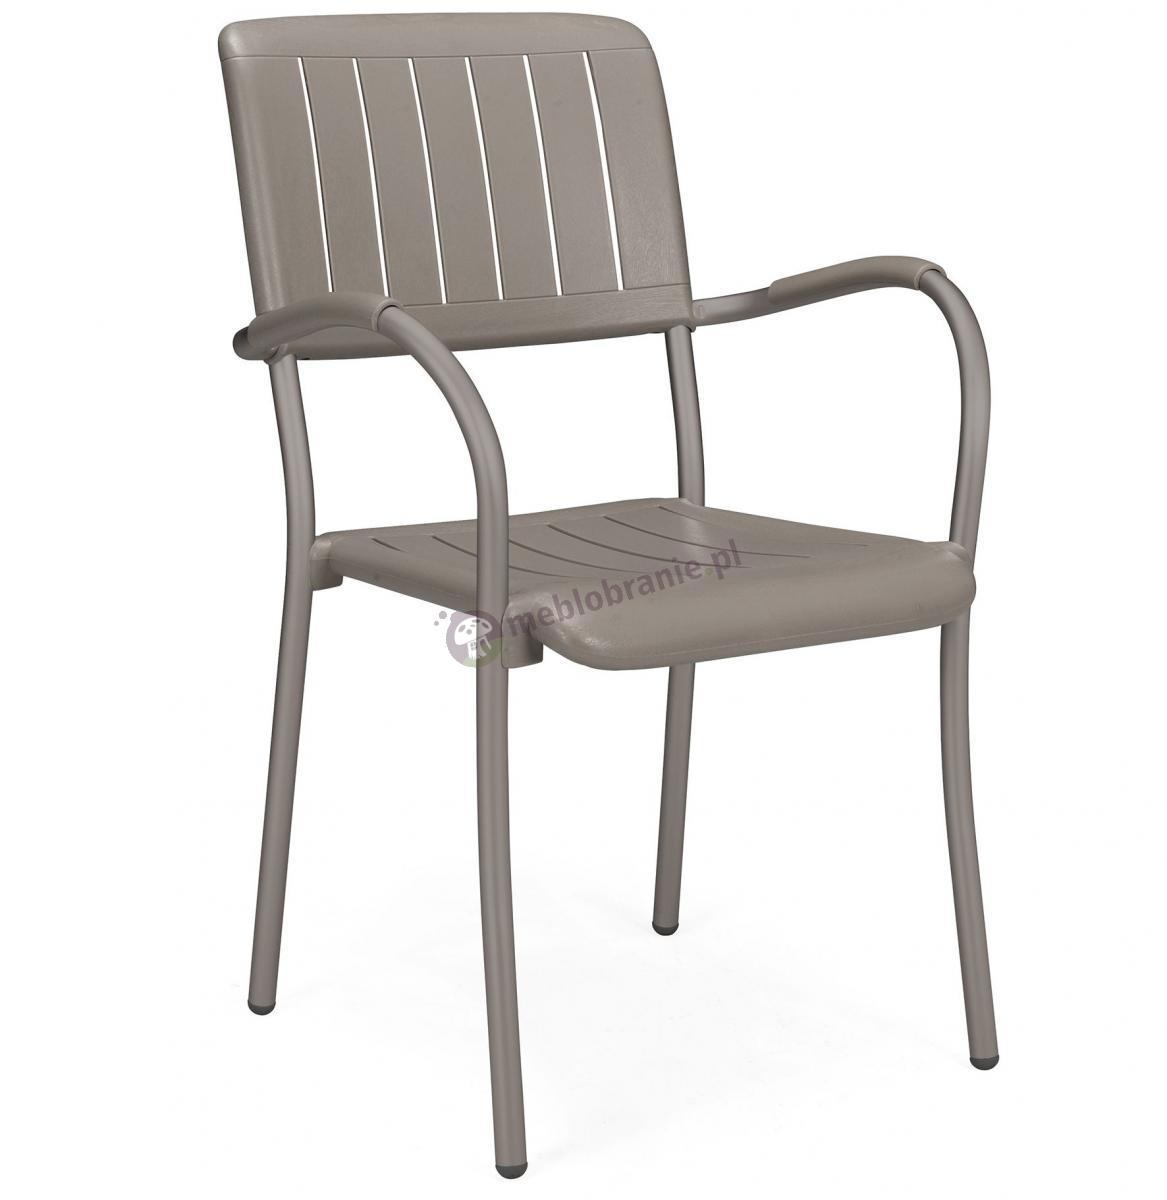 Nardi Musa krzesło eleganckie na taras Tortora